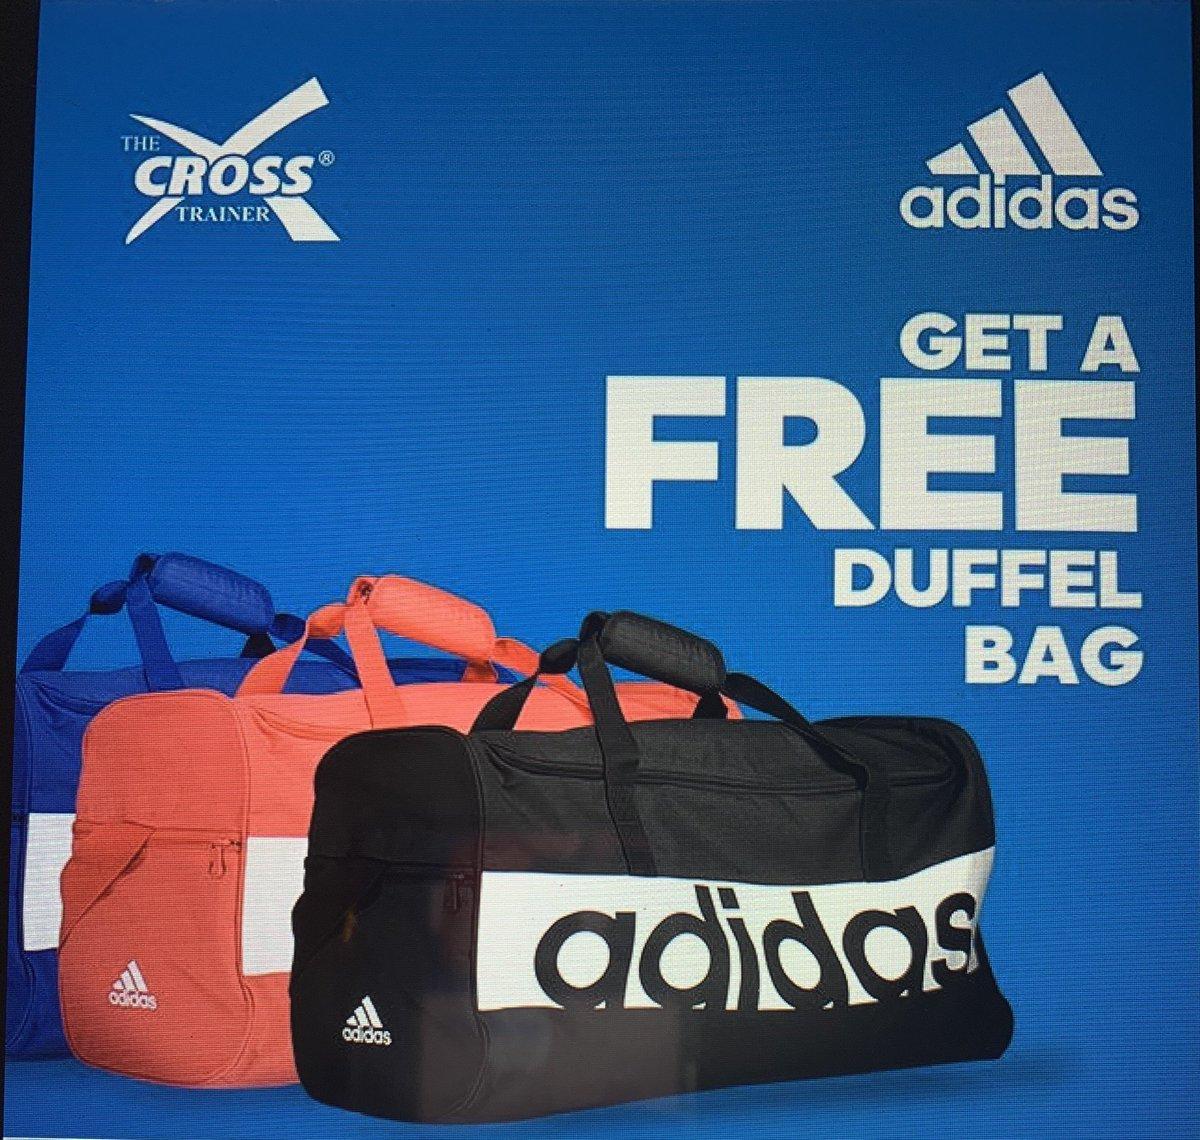 83d6de94b88f Adidas duffel bag hashtag on twitter jpg 1200x1140 Gym bag small duffle  adidas olym